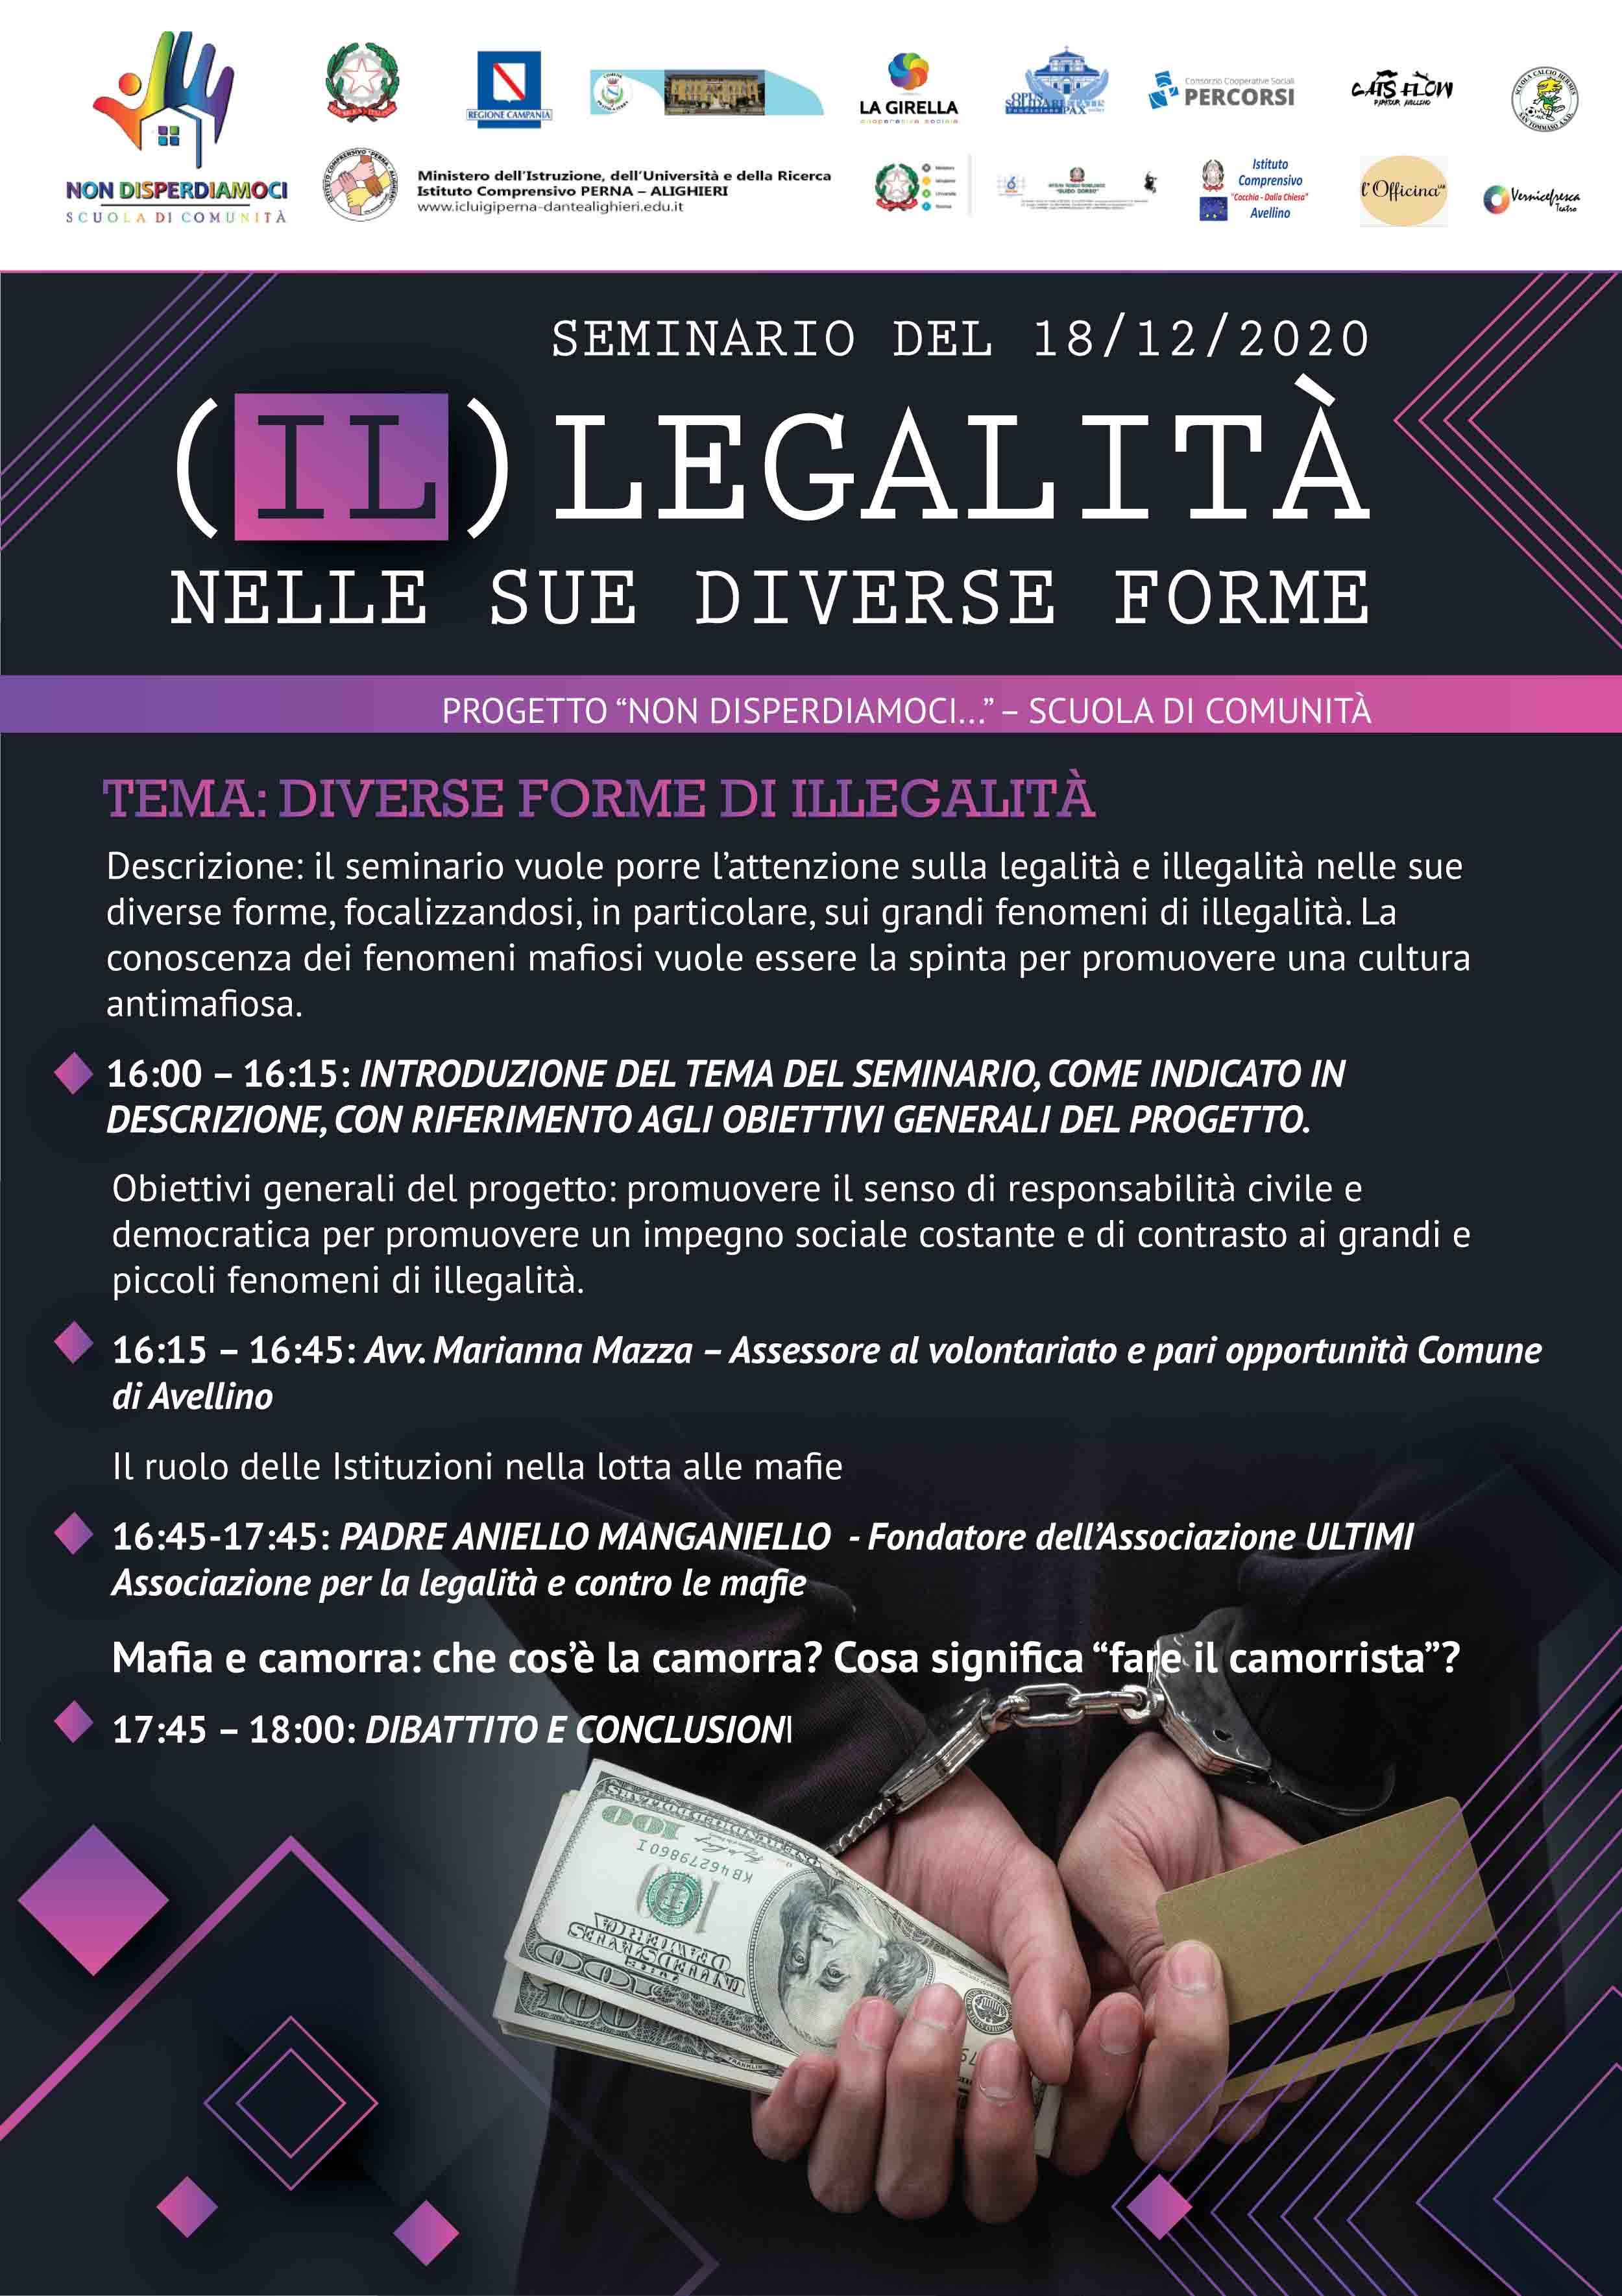 """Seminario: """"(IL)LEGALITA' NELLE SUE DIVERSE FORME"""